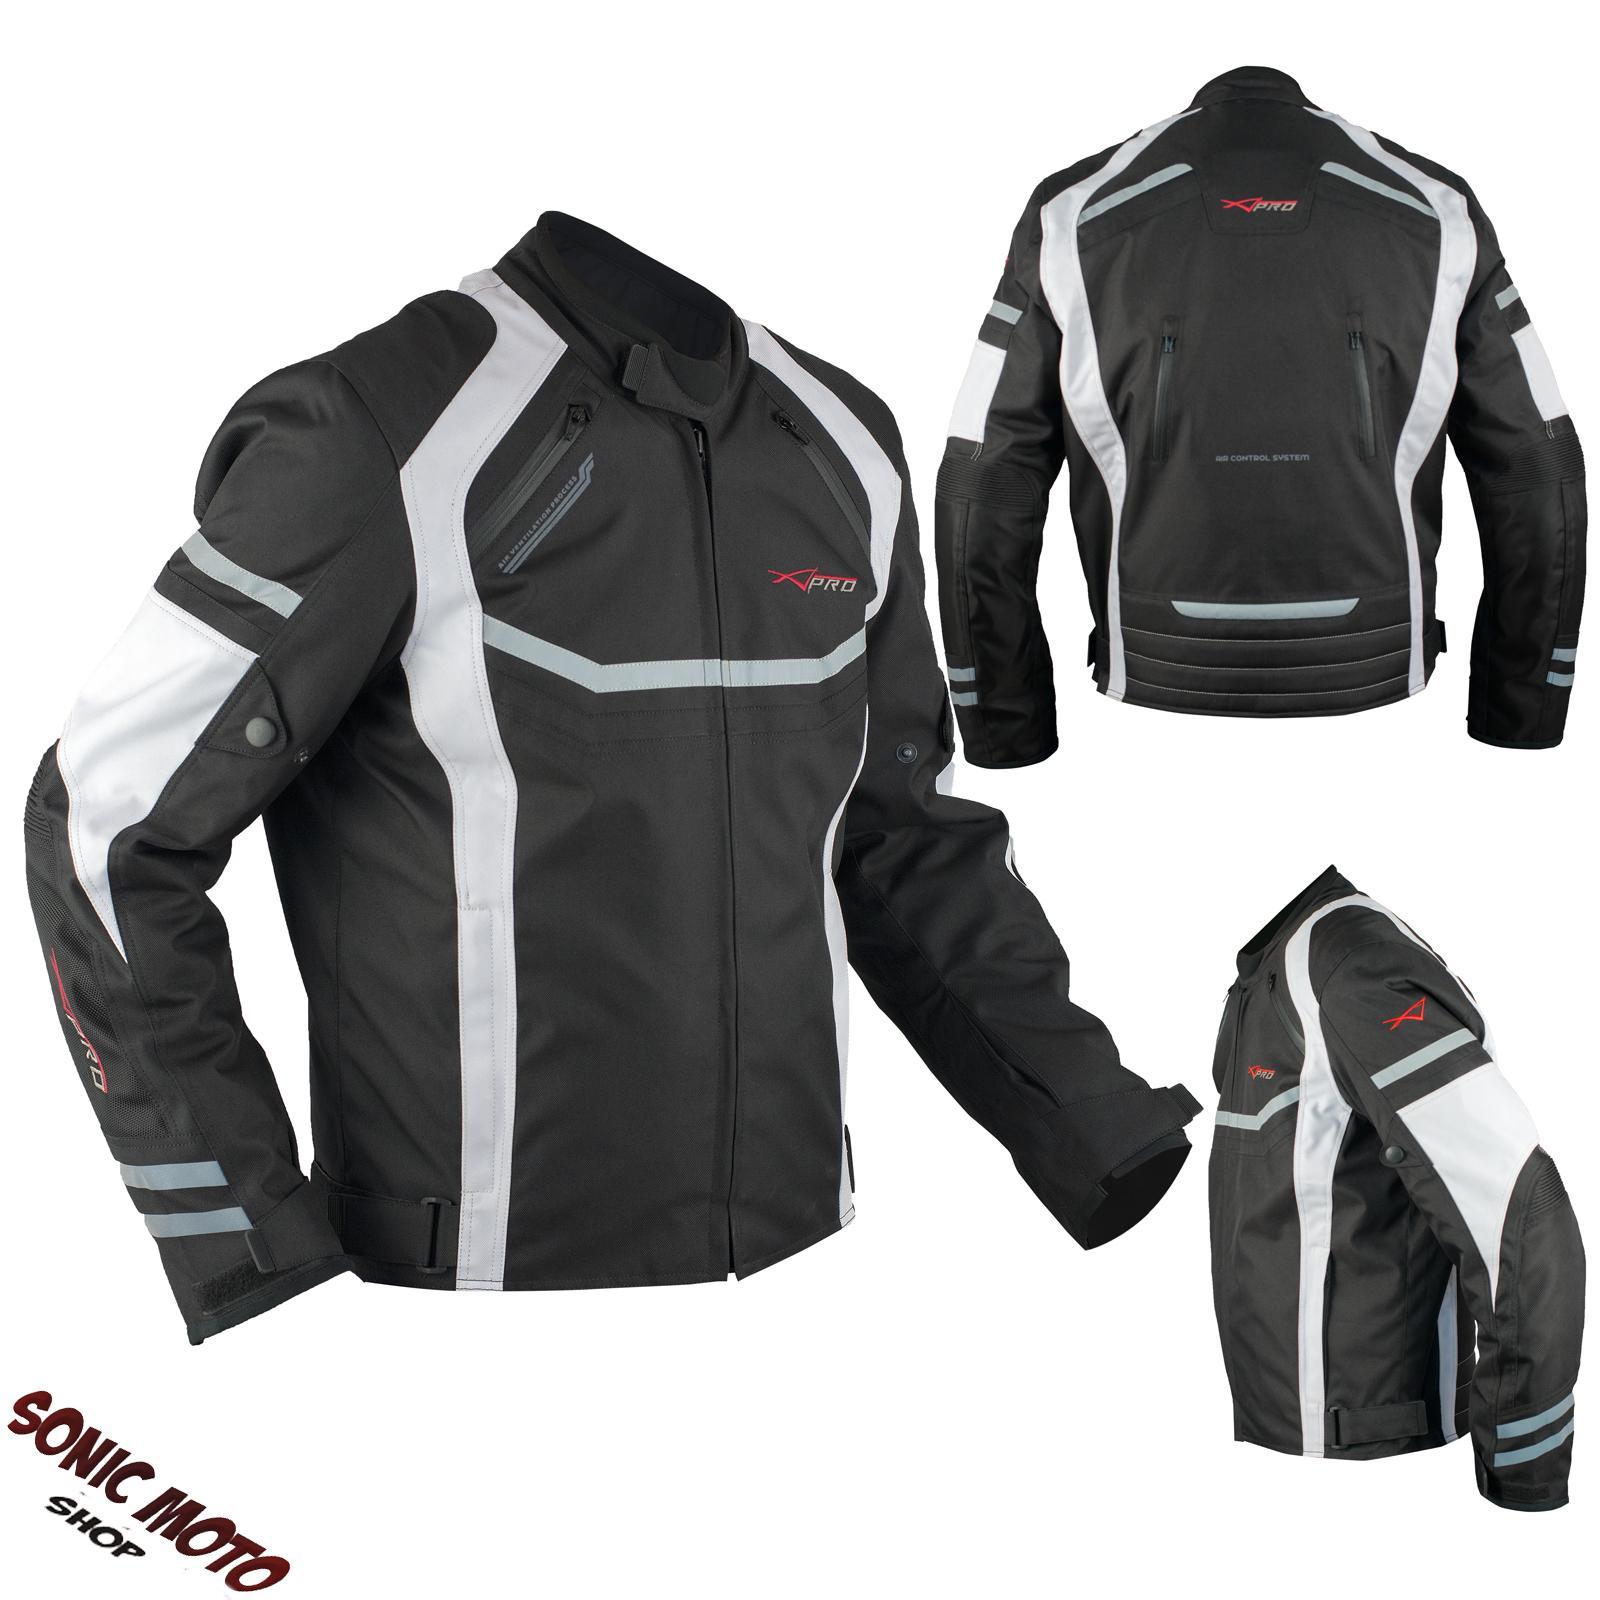 Giacca-Moto-Sportiva-Tessuto-Ventilata-Riflettente-Protezioni-CE-Traspirante